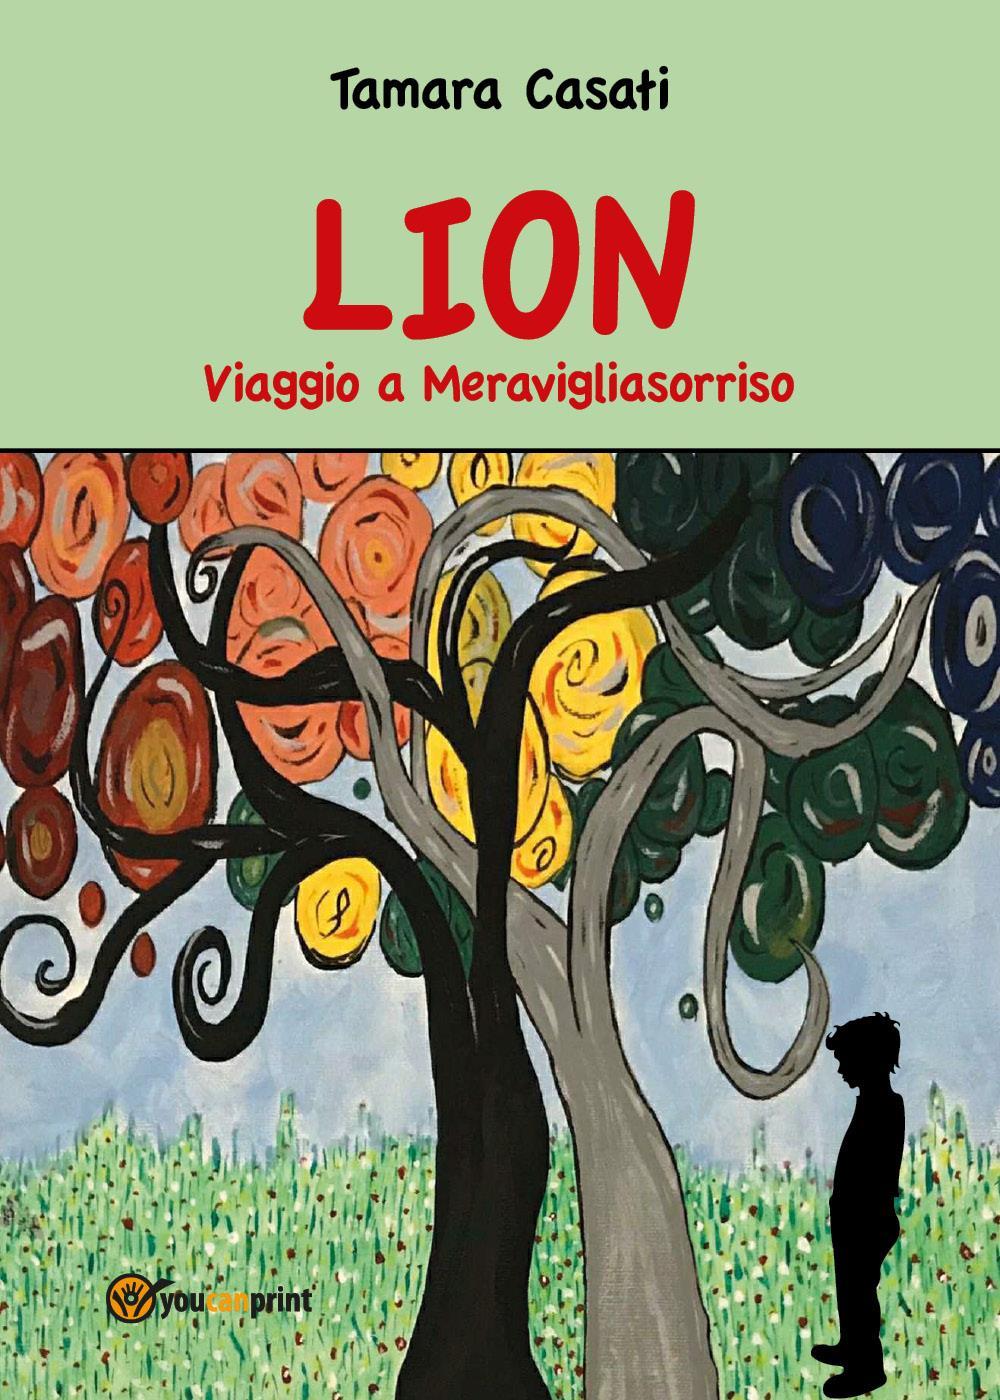 Lion Viaggio a Meravigliasorriso